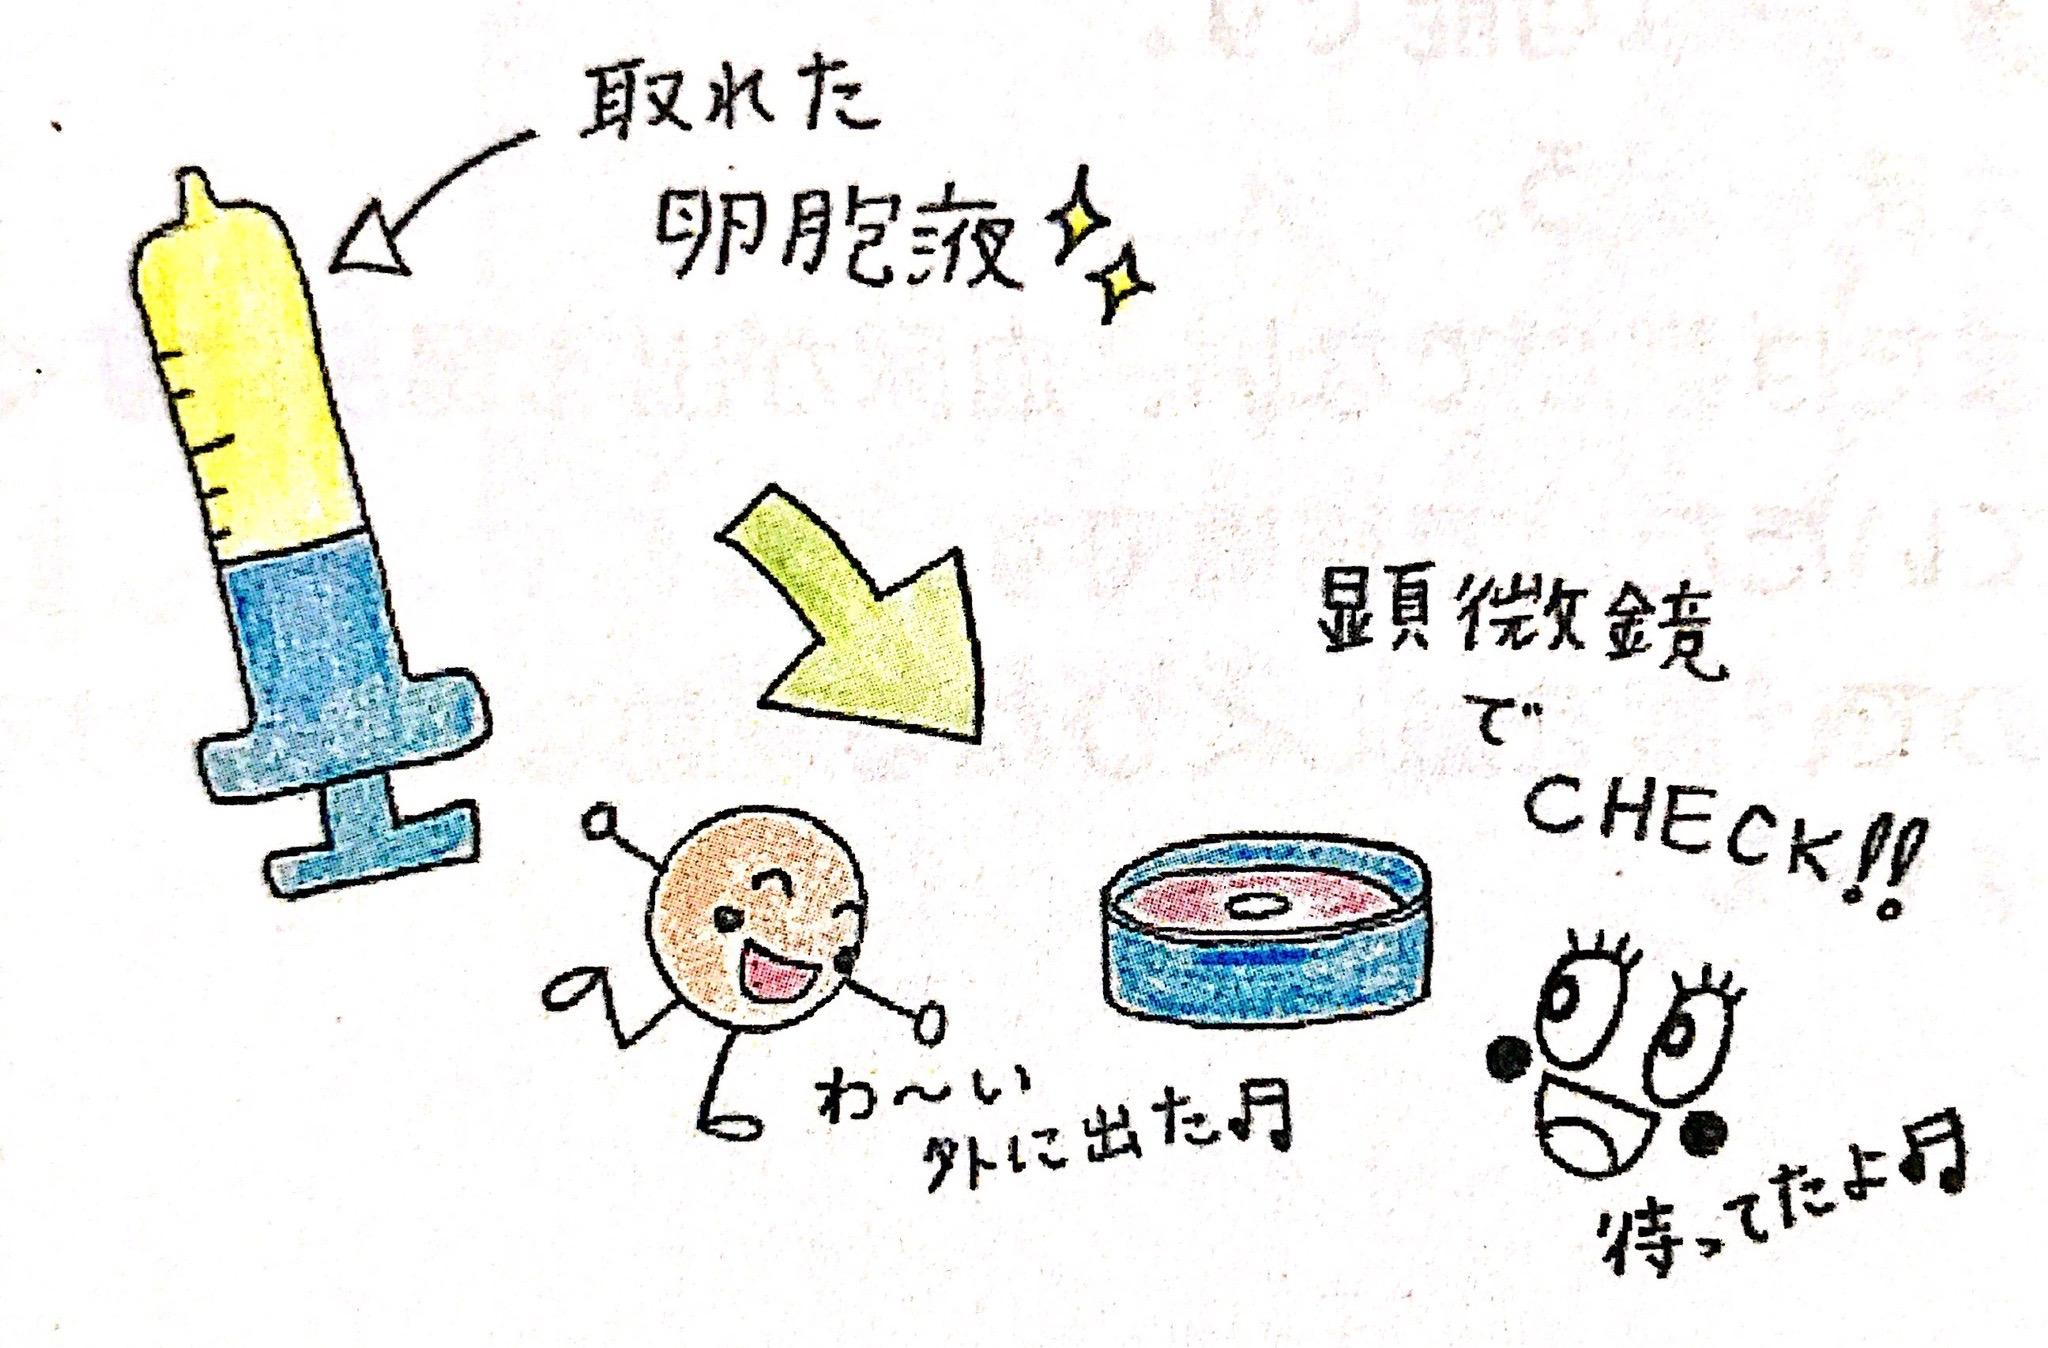 神奈川レデュースクリニックIVF説明会資料1